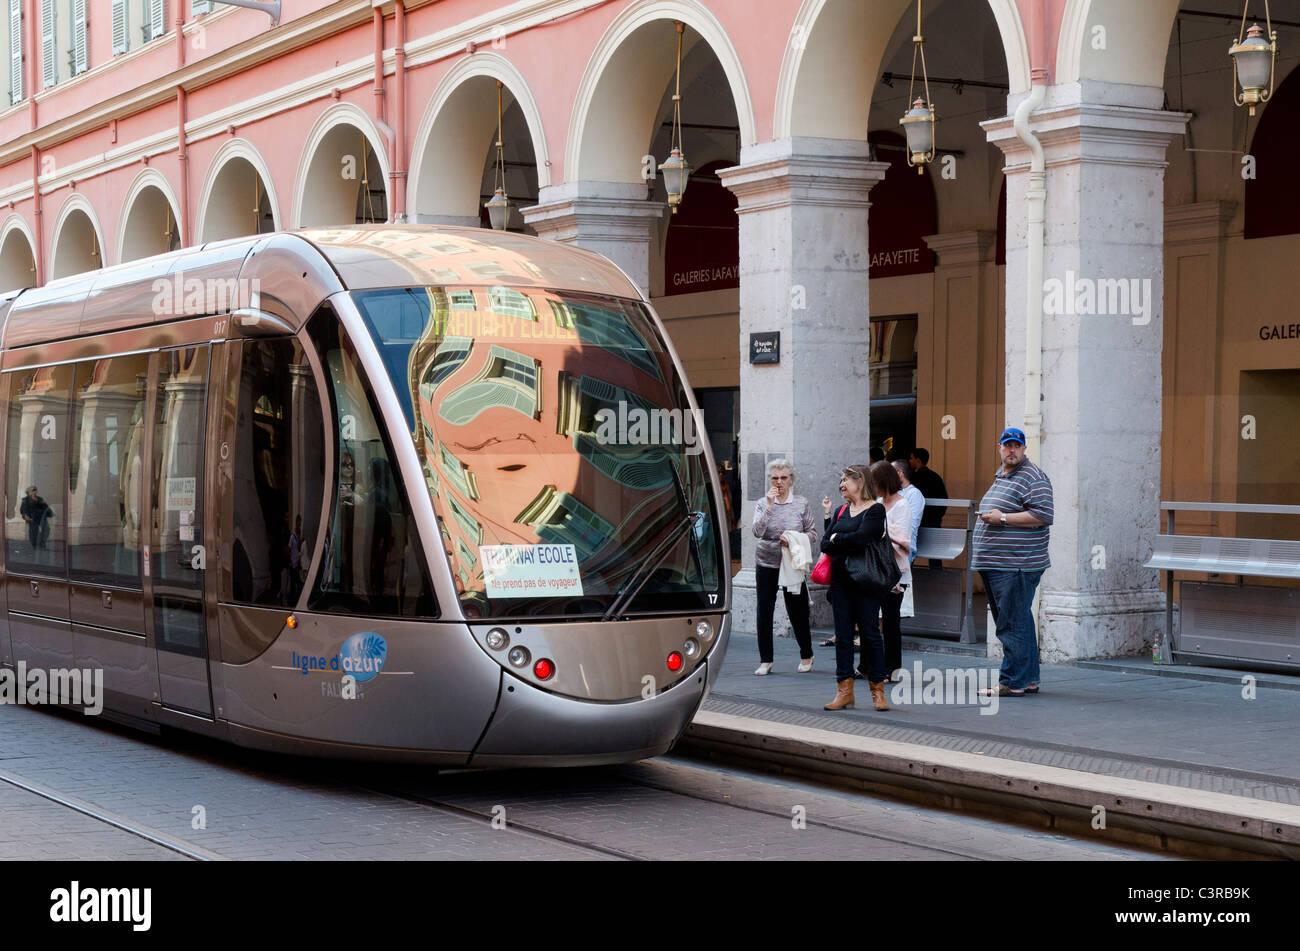 Tram approaching Place Massena, Nice - Stock Image